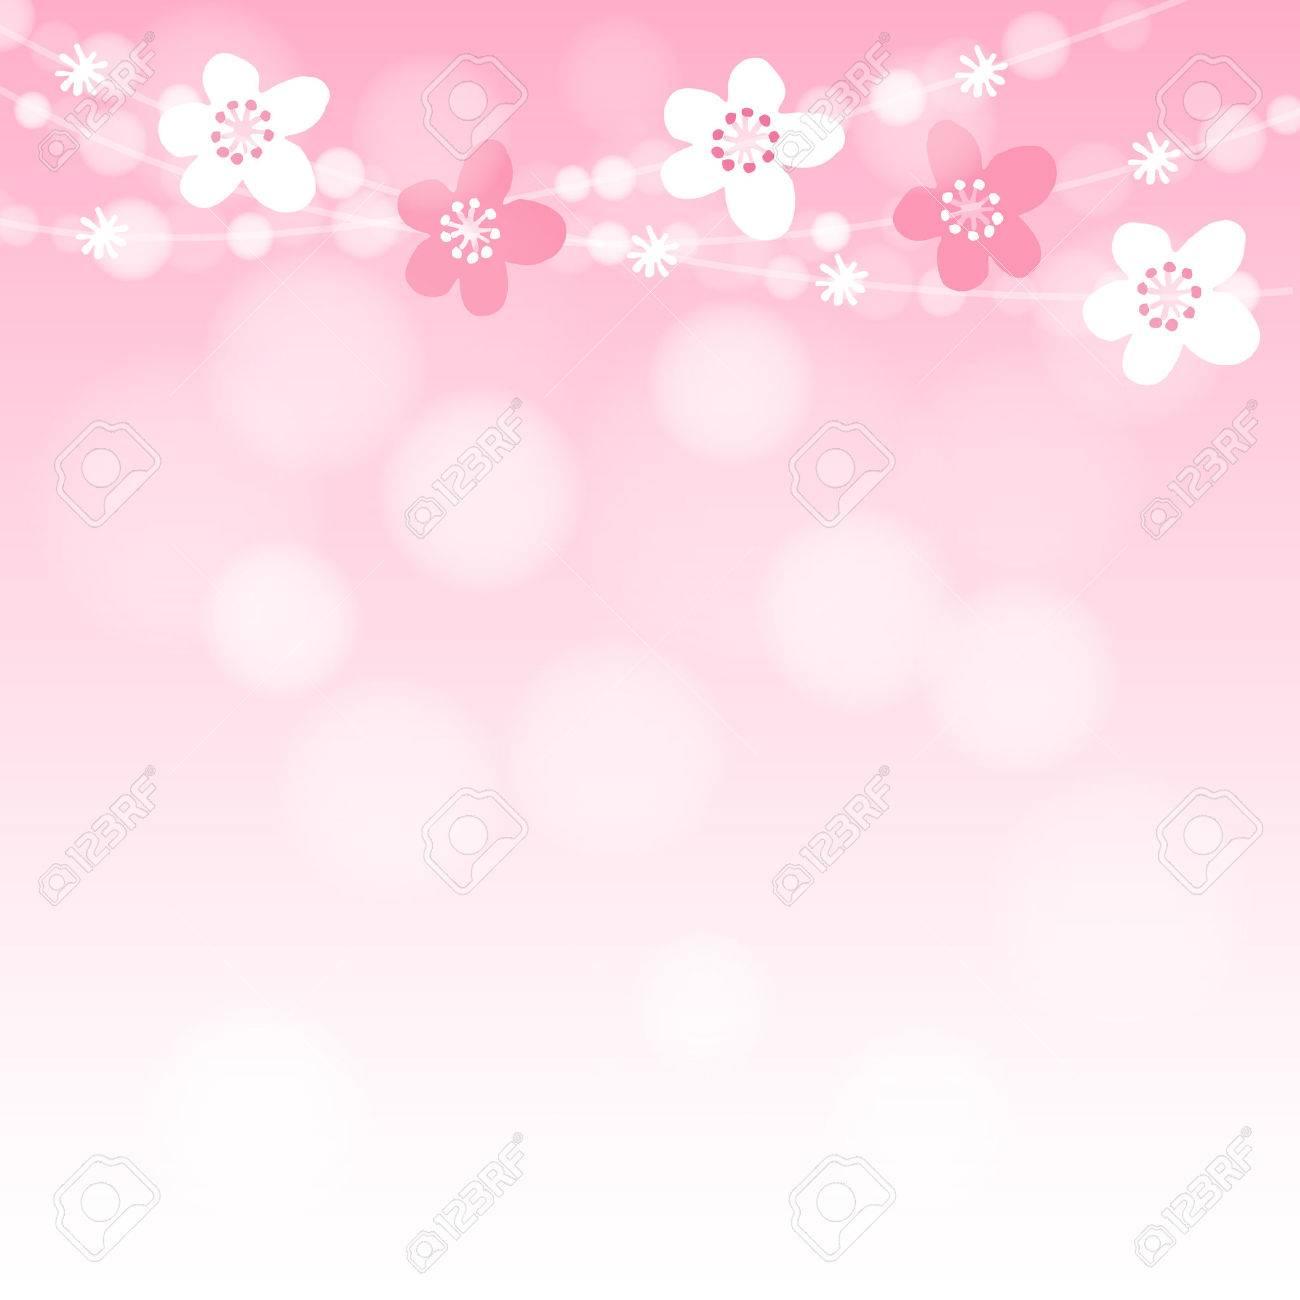 桜の木の花ガーランドとライト、ピンクのベクトル イラスト背景